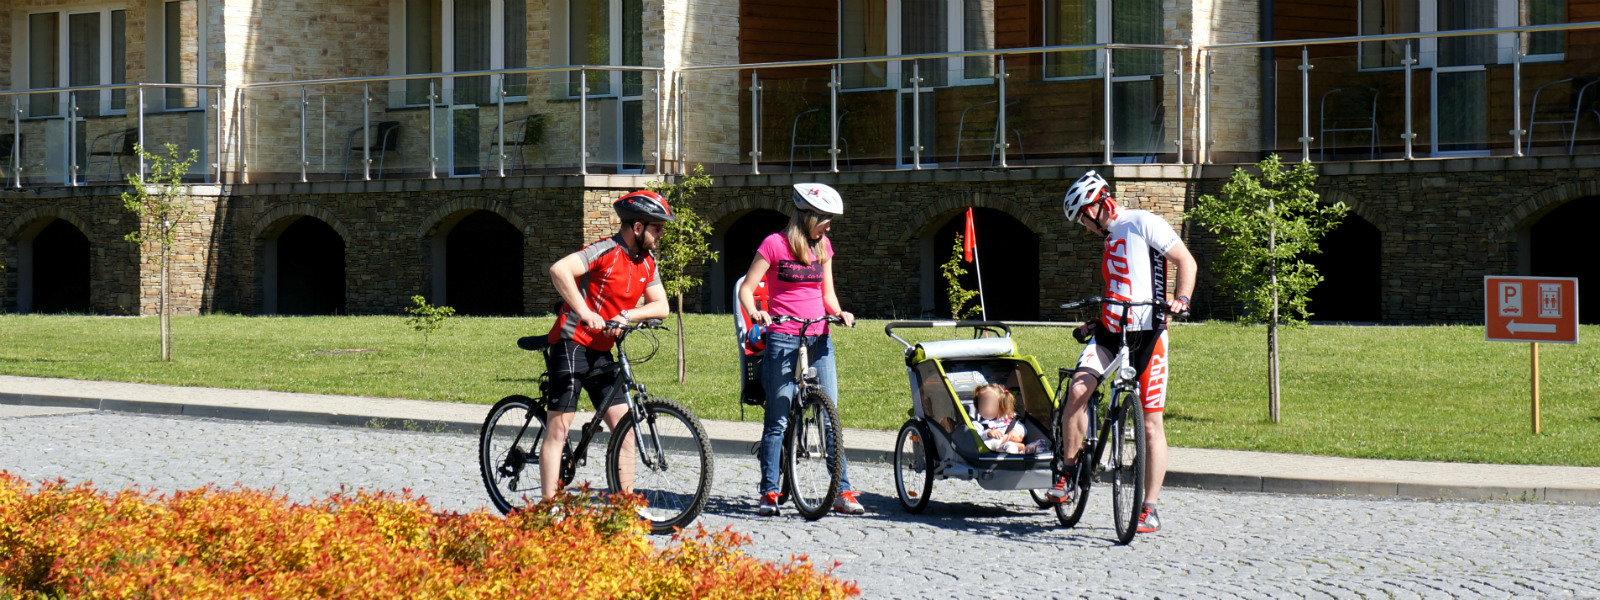 Hotel Activa - rodzina z dzieckiem na rowerach